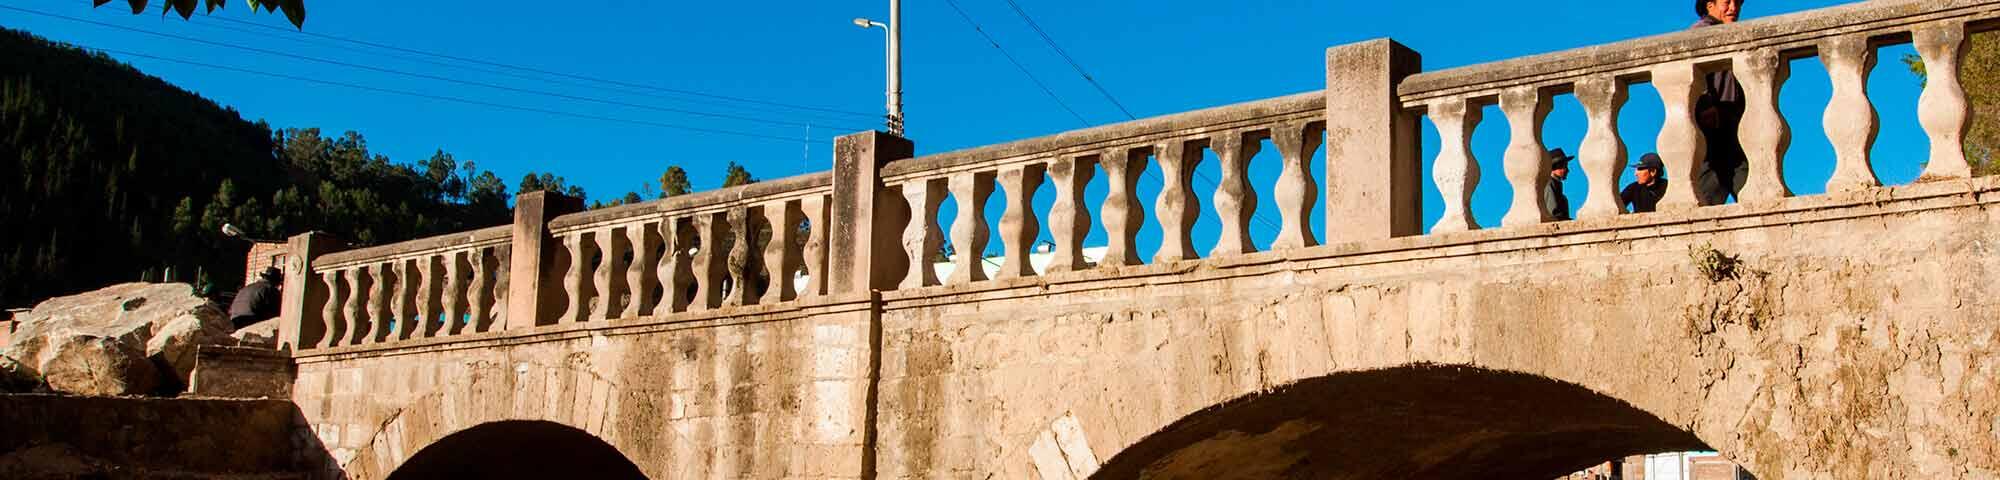 Puente Colonial El Chumbao